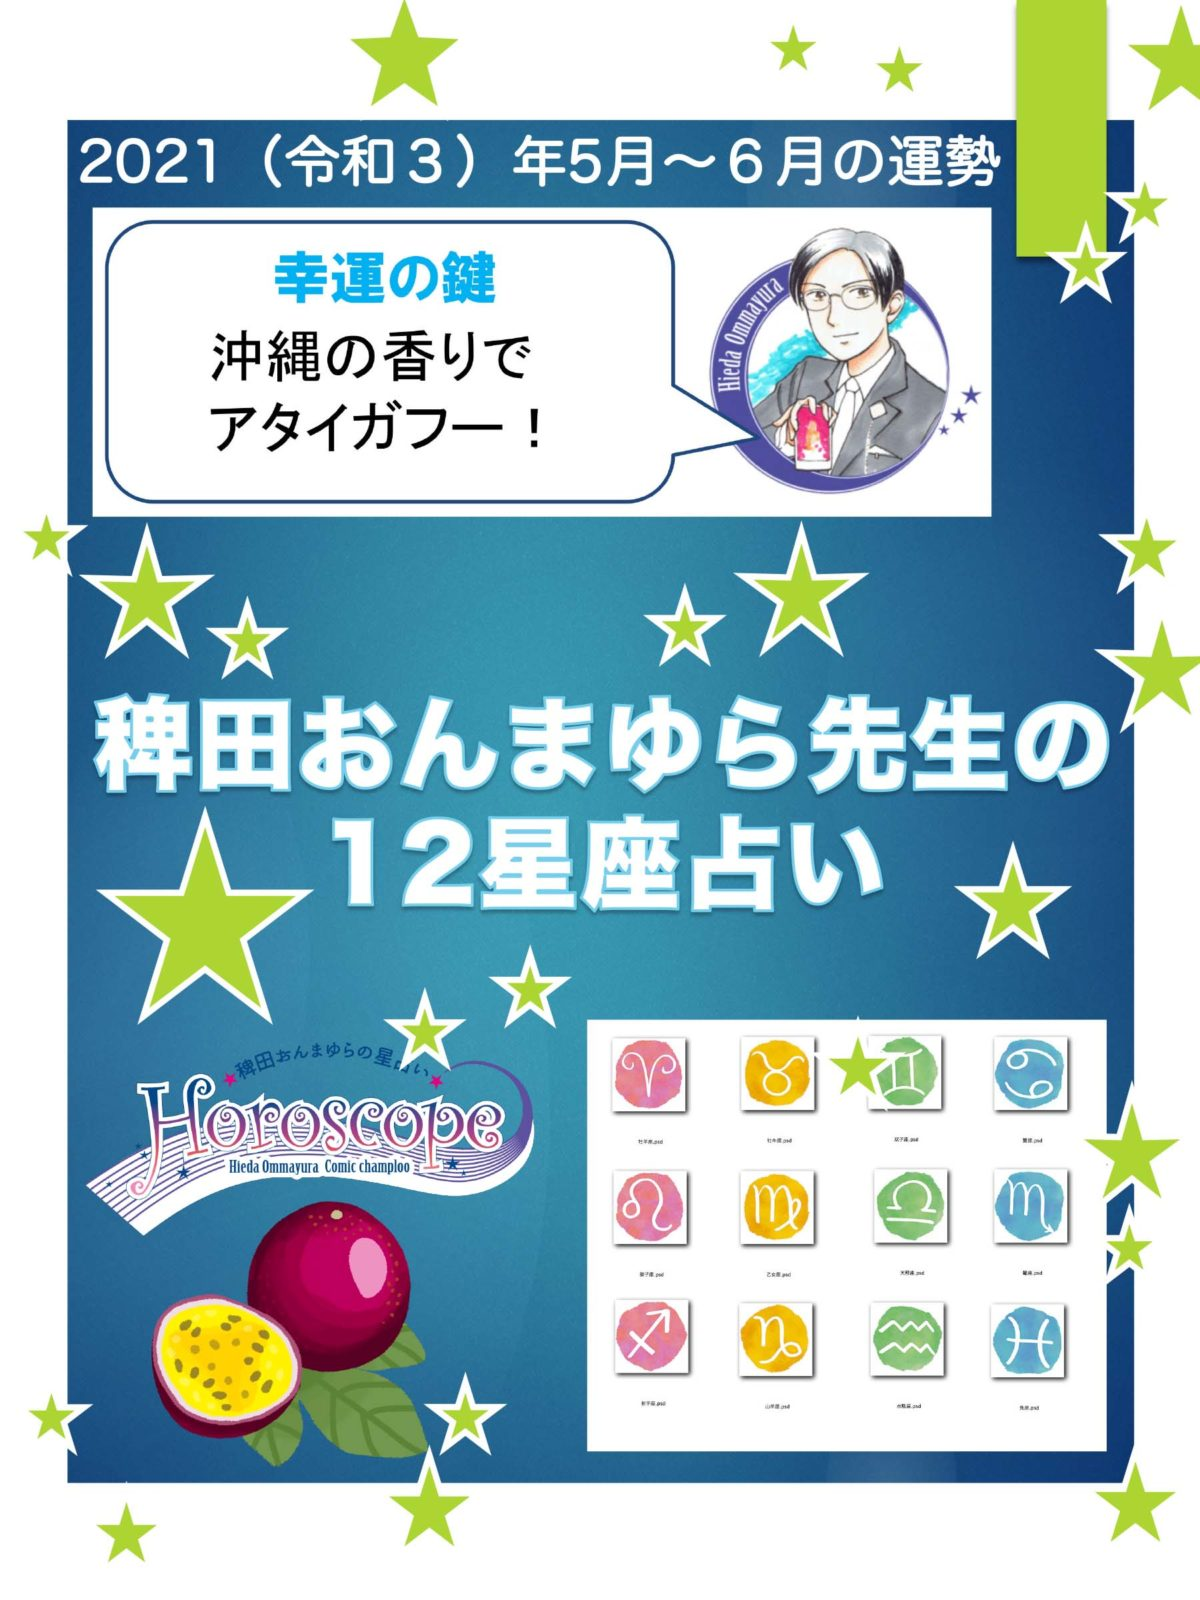 稗田おんまゆら先生の12星座占い 2021(令和3)年5月~6月の運勢